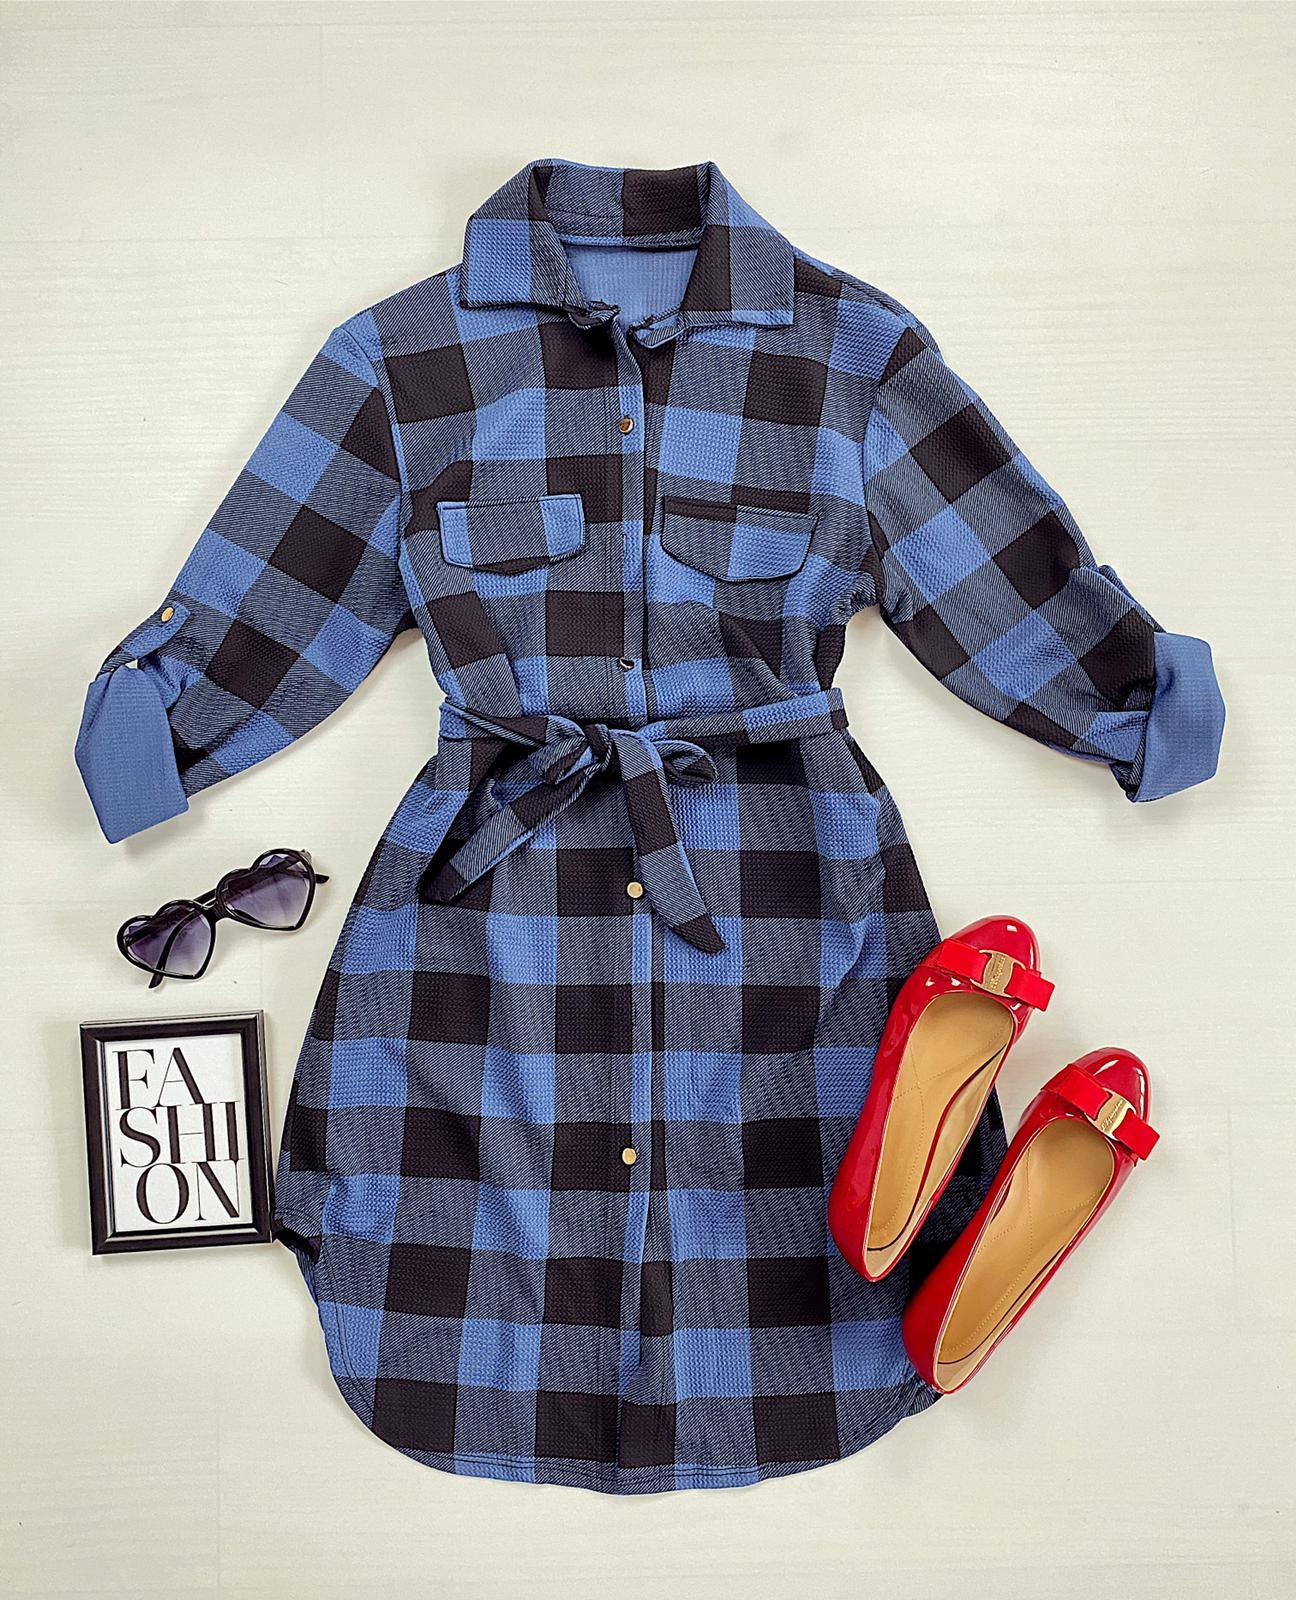 Rochie ieftina casual stil camasa albastru deschis cu negru cu carouri si cordon in talie